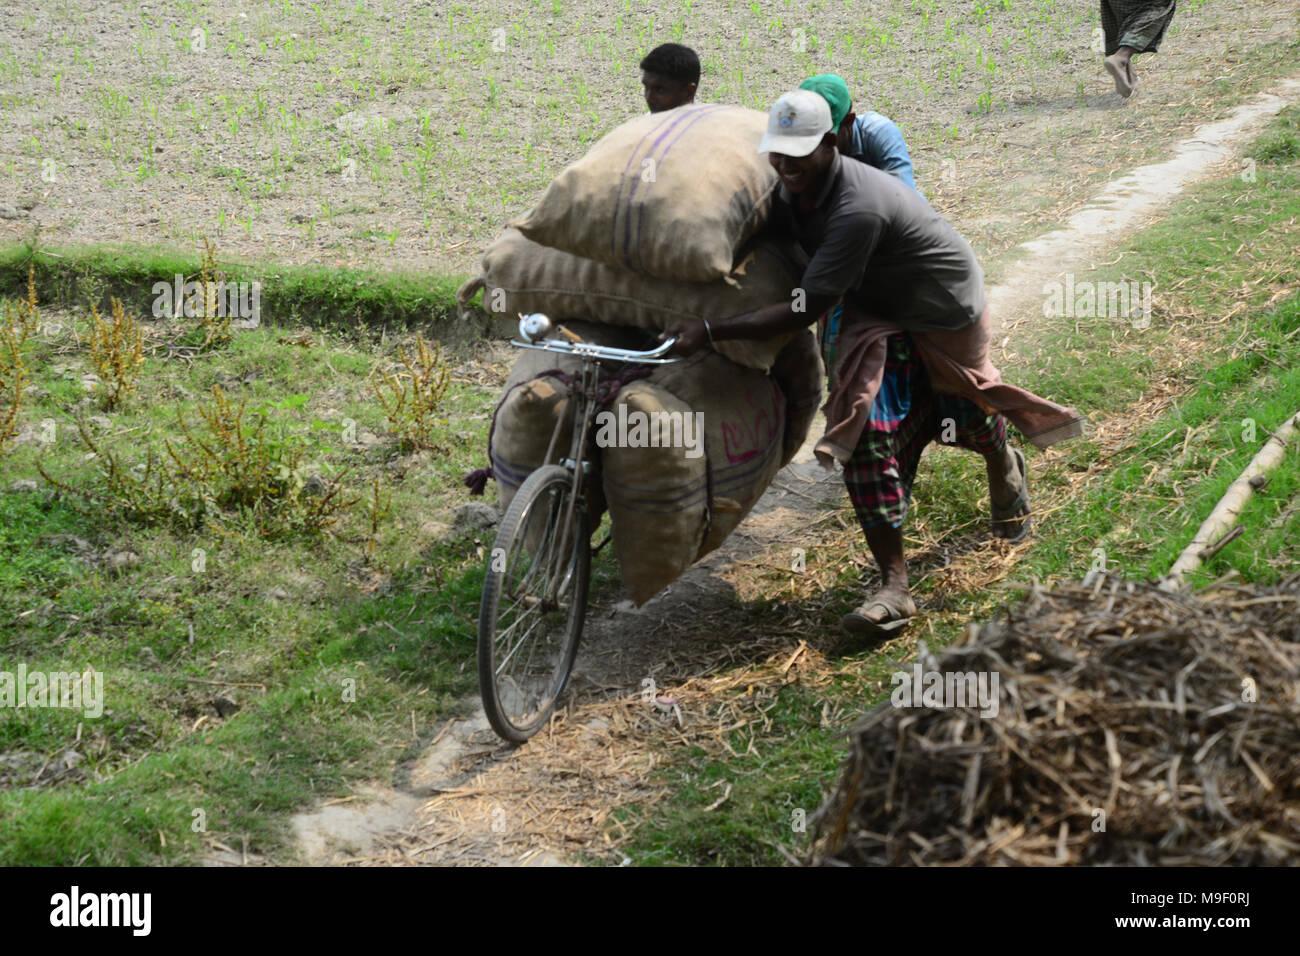 Dhaka, Bangladesh on March 24, 2018  Bangladeshi workers